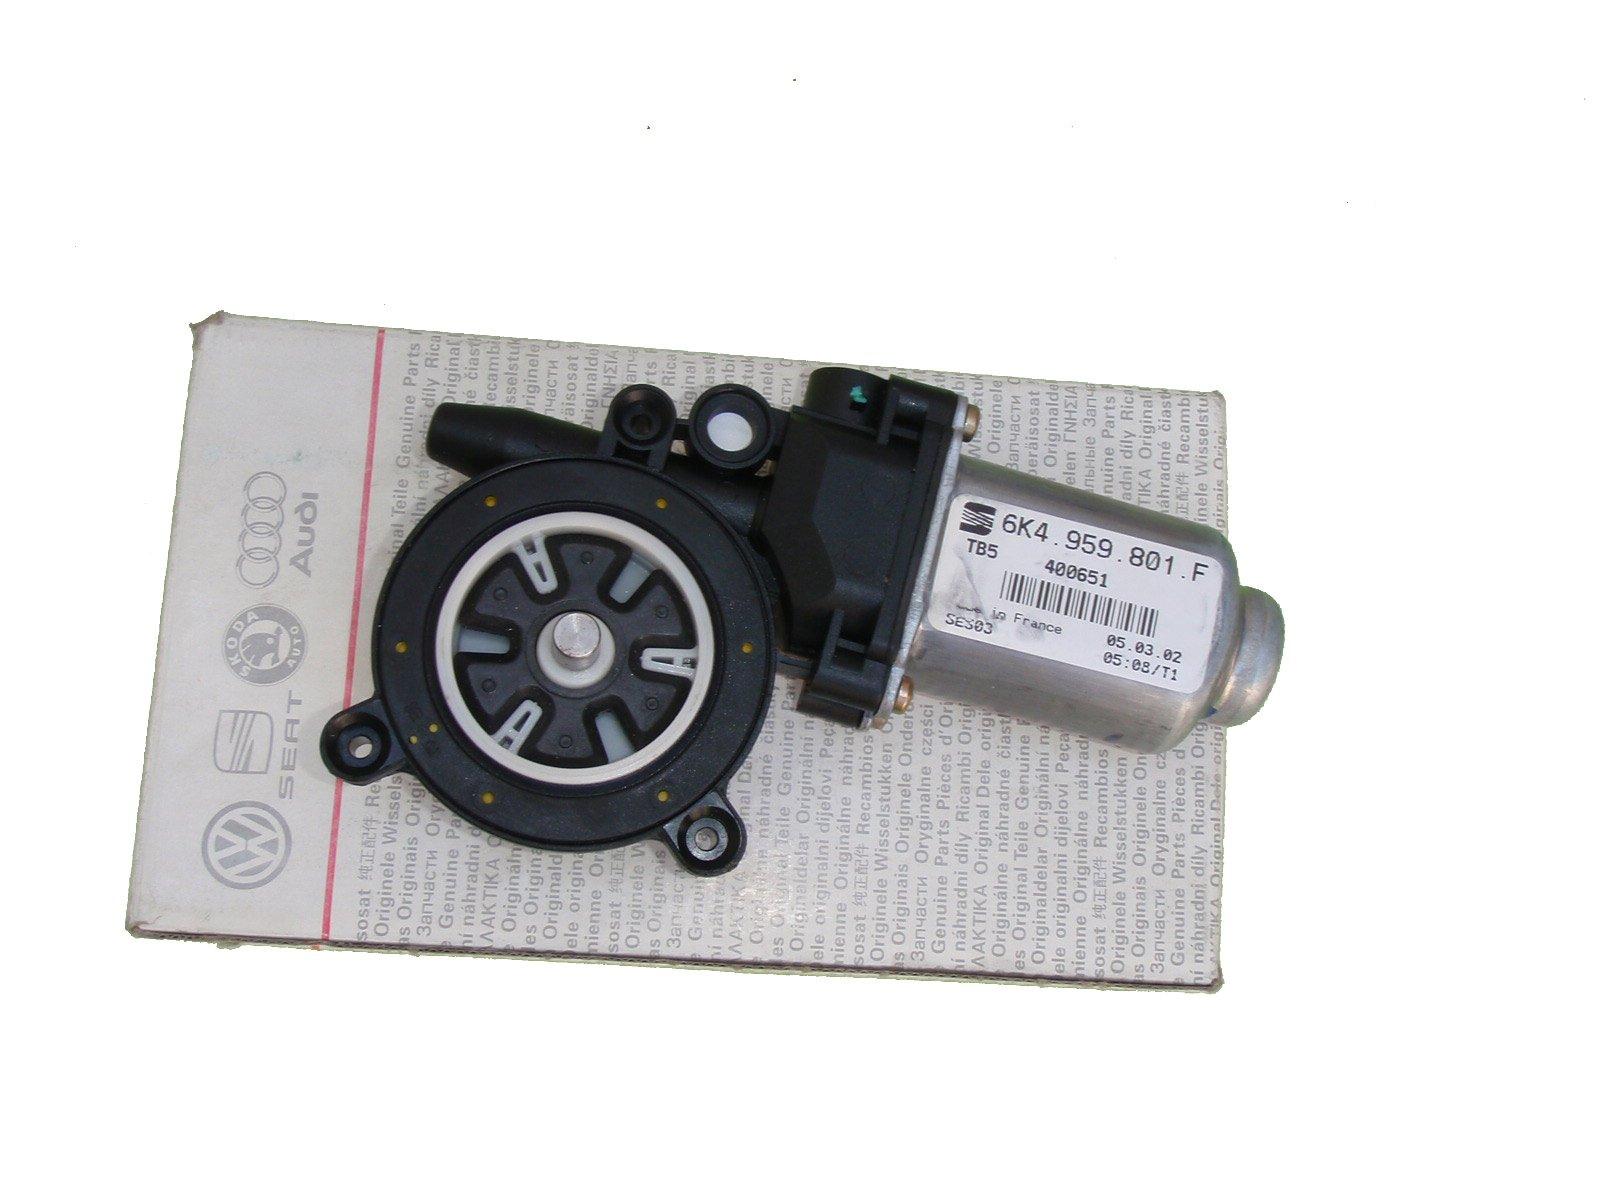 двигатель стекол правый поло cordoba ibiza 2 контакты 99-02